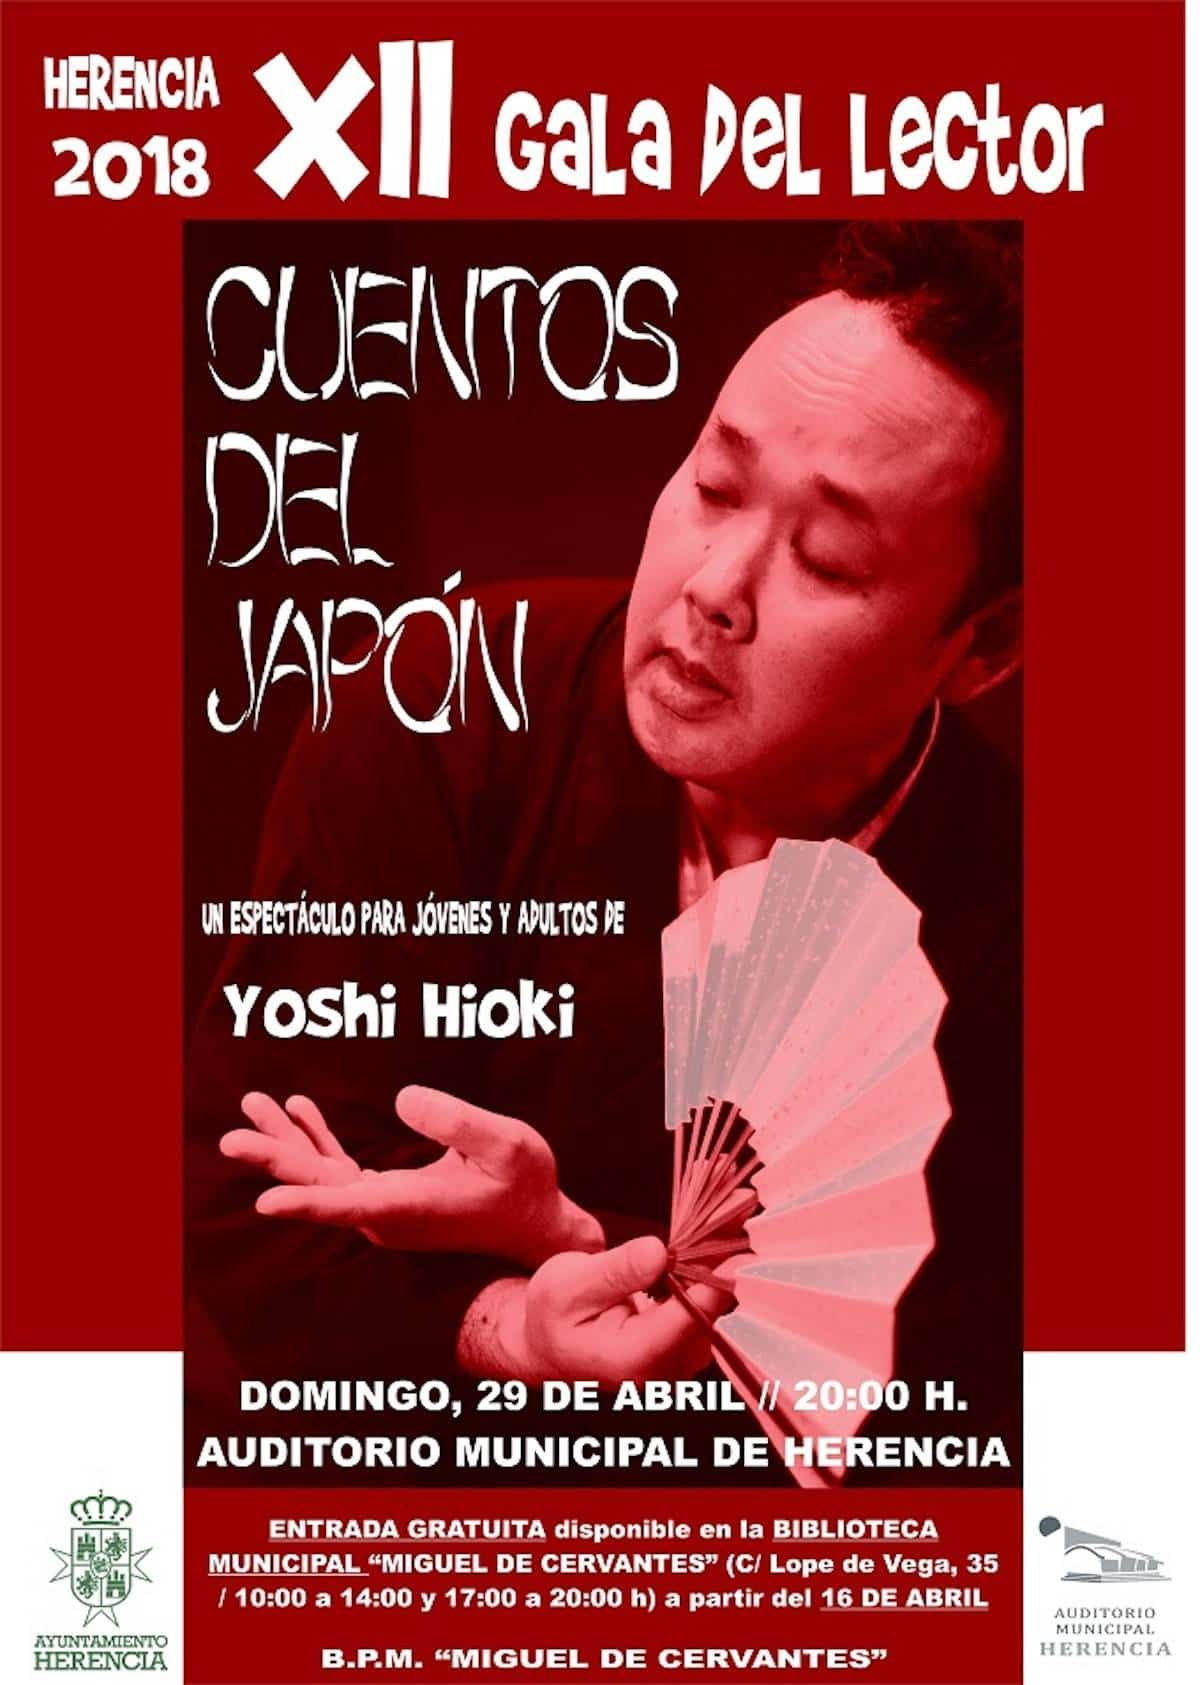 XII gala lector herencia - XII Gala del Lector con espectáculo de Yoshi Hioki